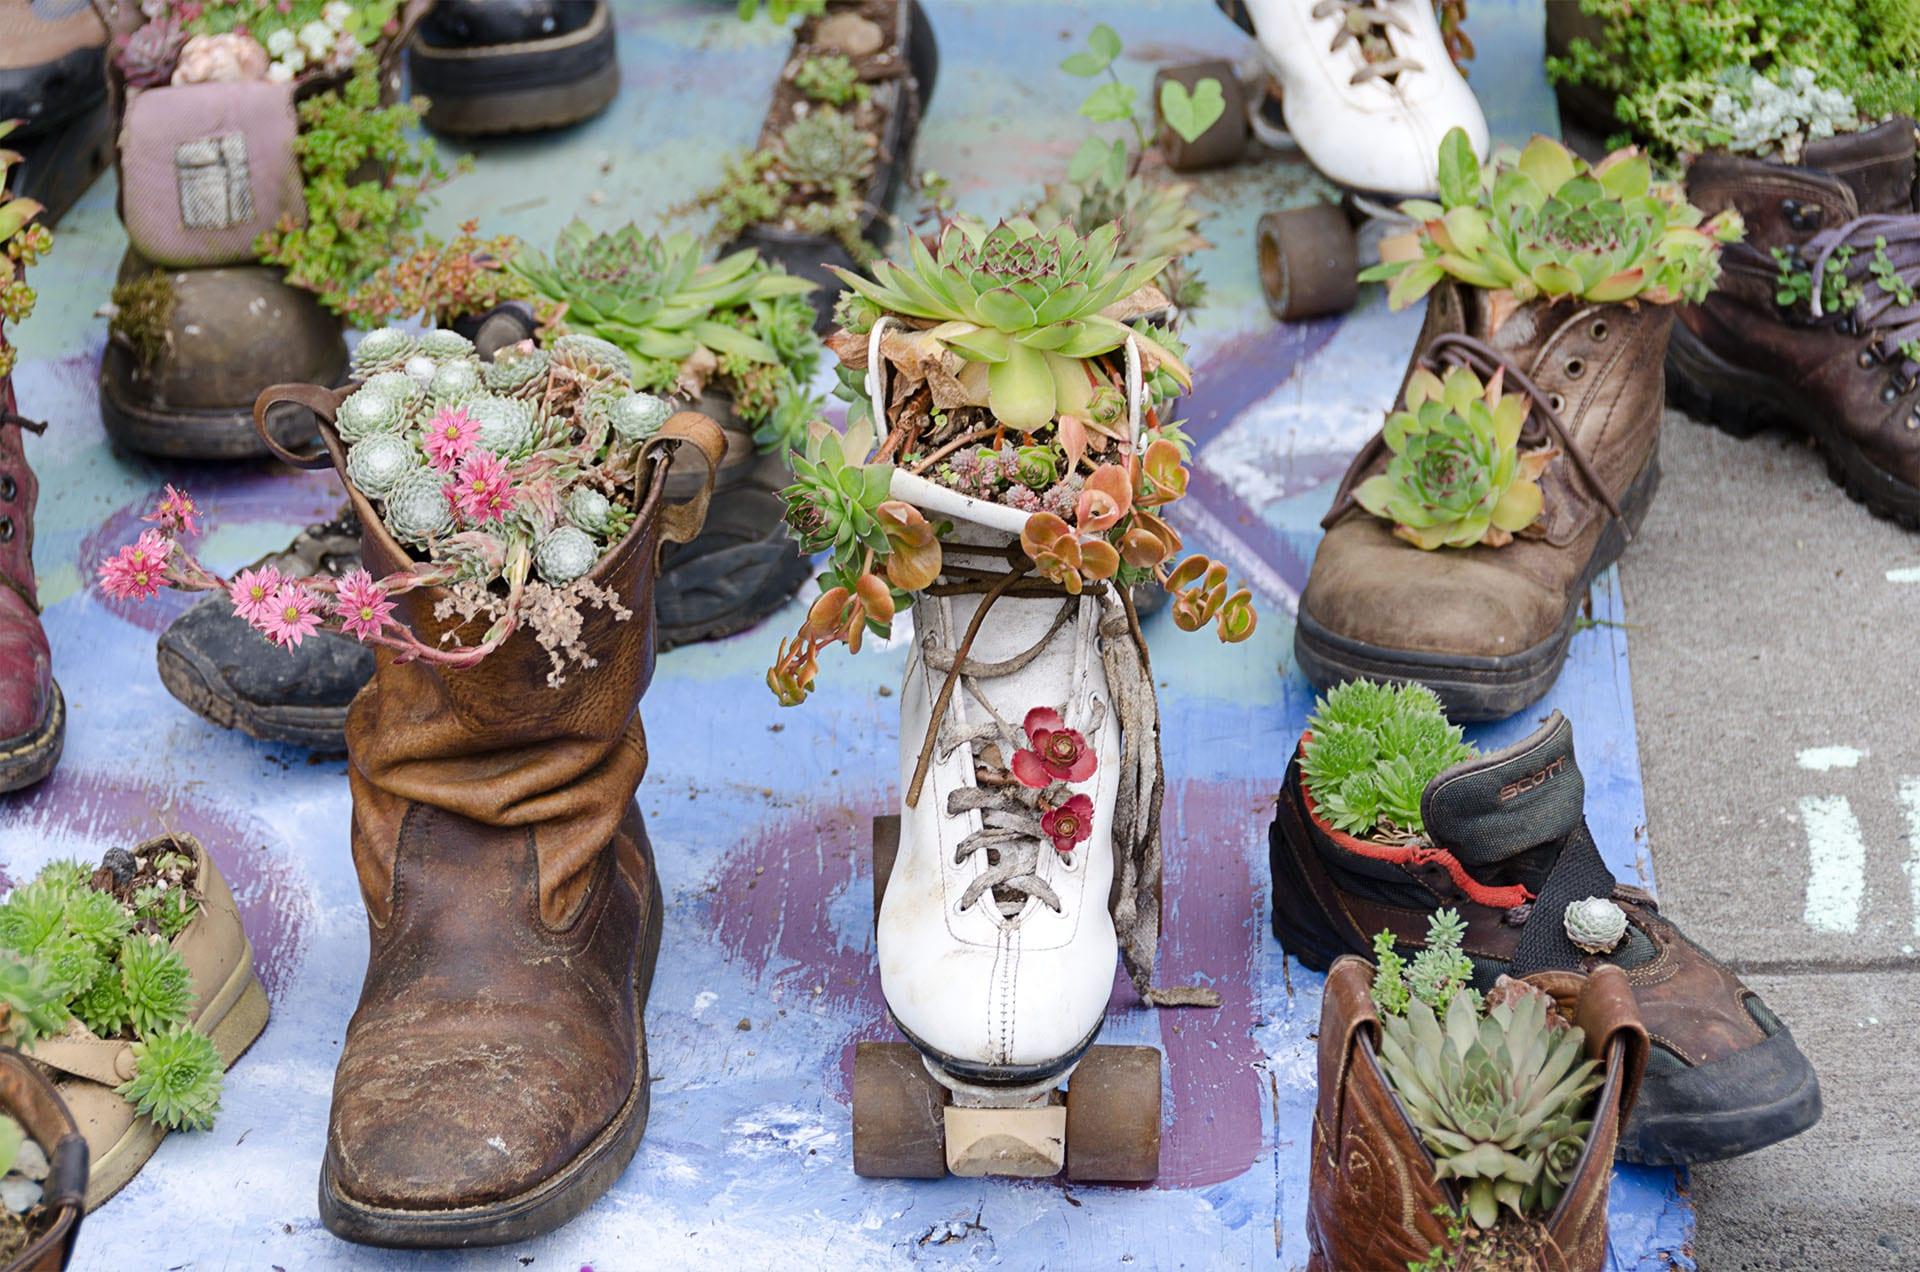 Boot & Skate Planter